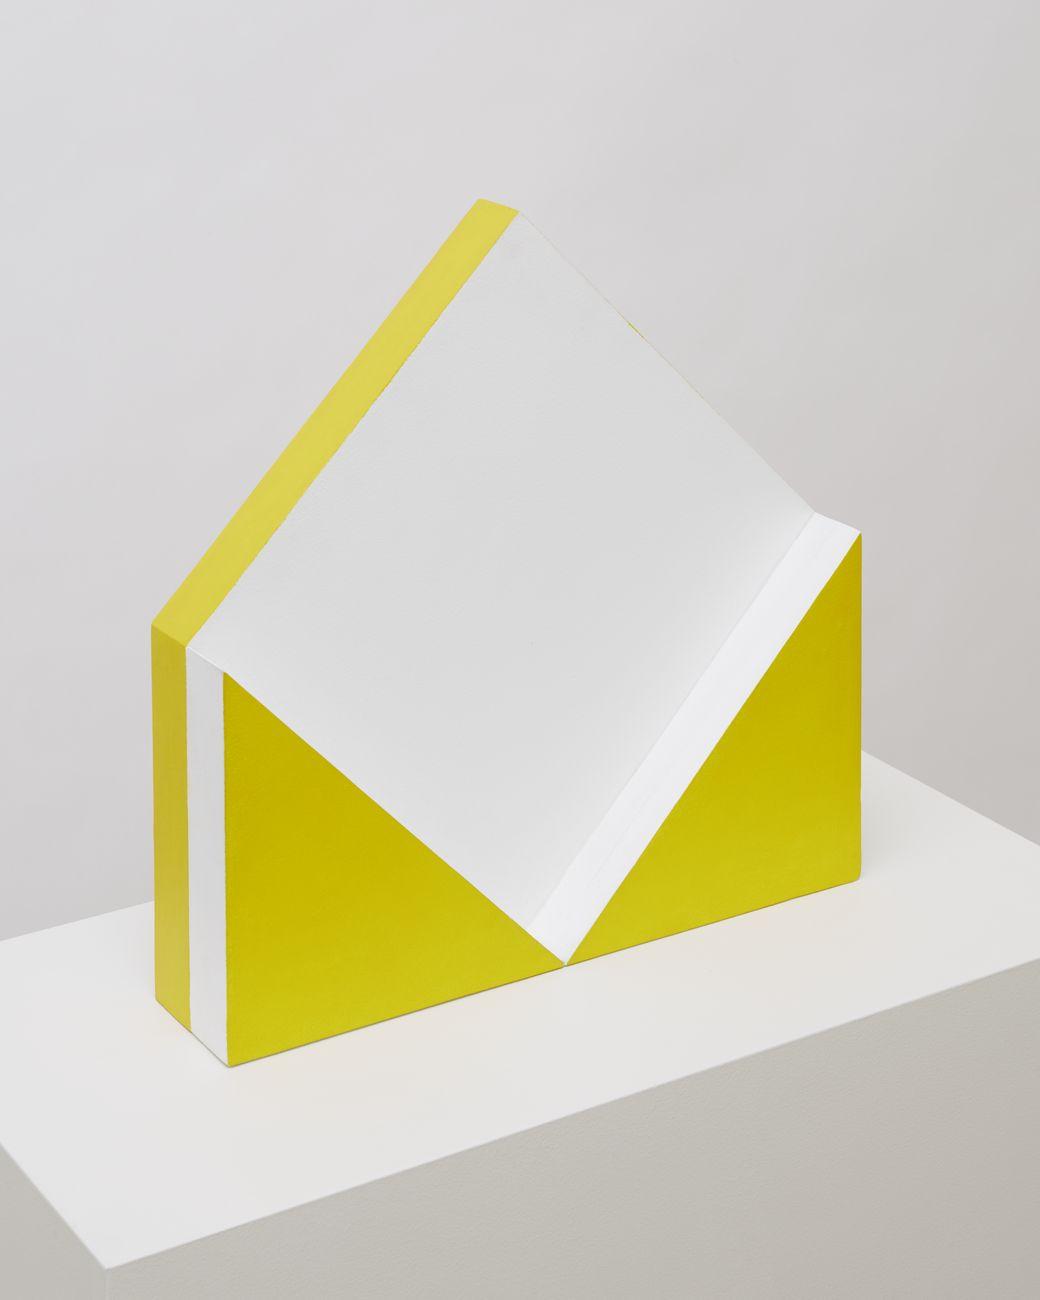 Lygia Pape. Installation view at Fondazione Carriero, Milano 2019. Photo Christian Kain. Courtesy Fondazione Carriero, Milano